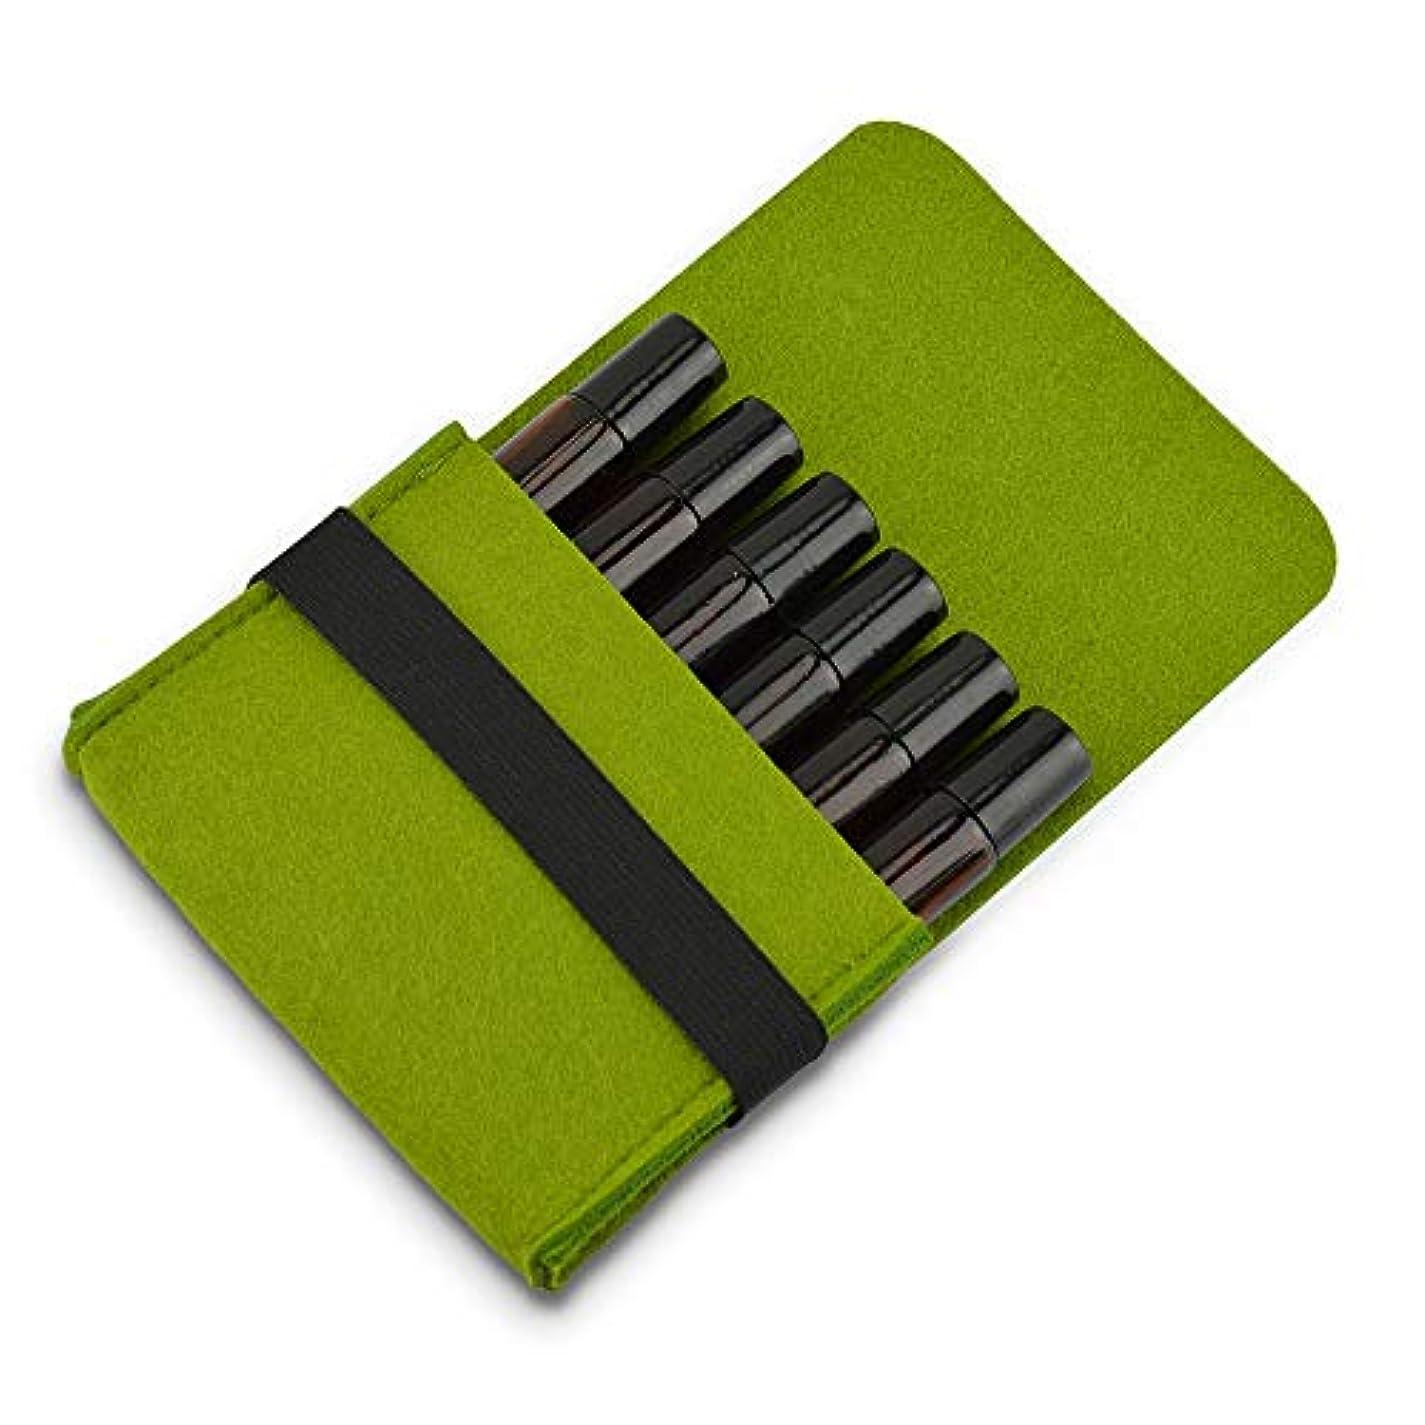 一時停止破滅厳しい精油ケース トラベルオーガナイザーストレージポーチ収納袋3色のフェルト6つのボトル10MLエッセンシャルオイル用キャリングケースエッセンシャルオイル 携帯便利 (色 : 緑, サイズ : 13X10X3CM)